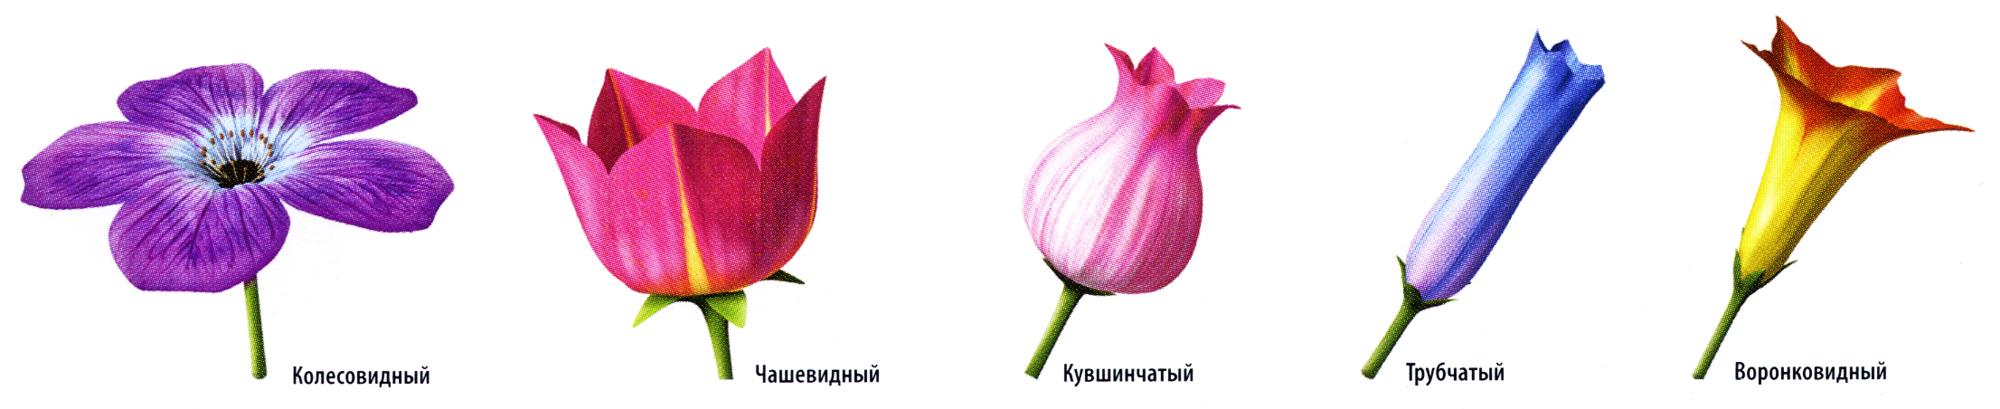 цветков